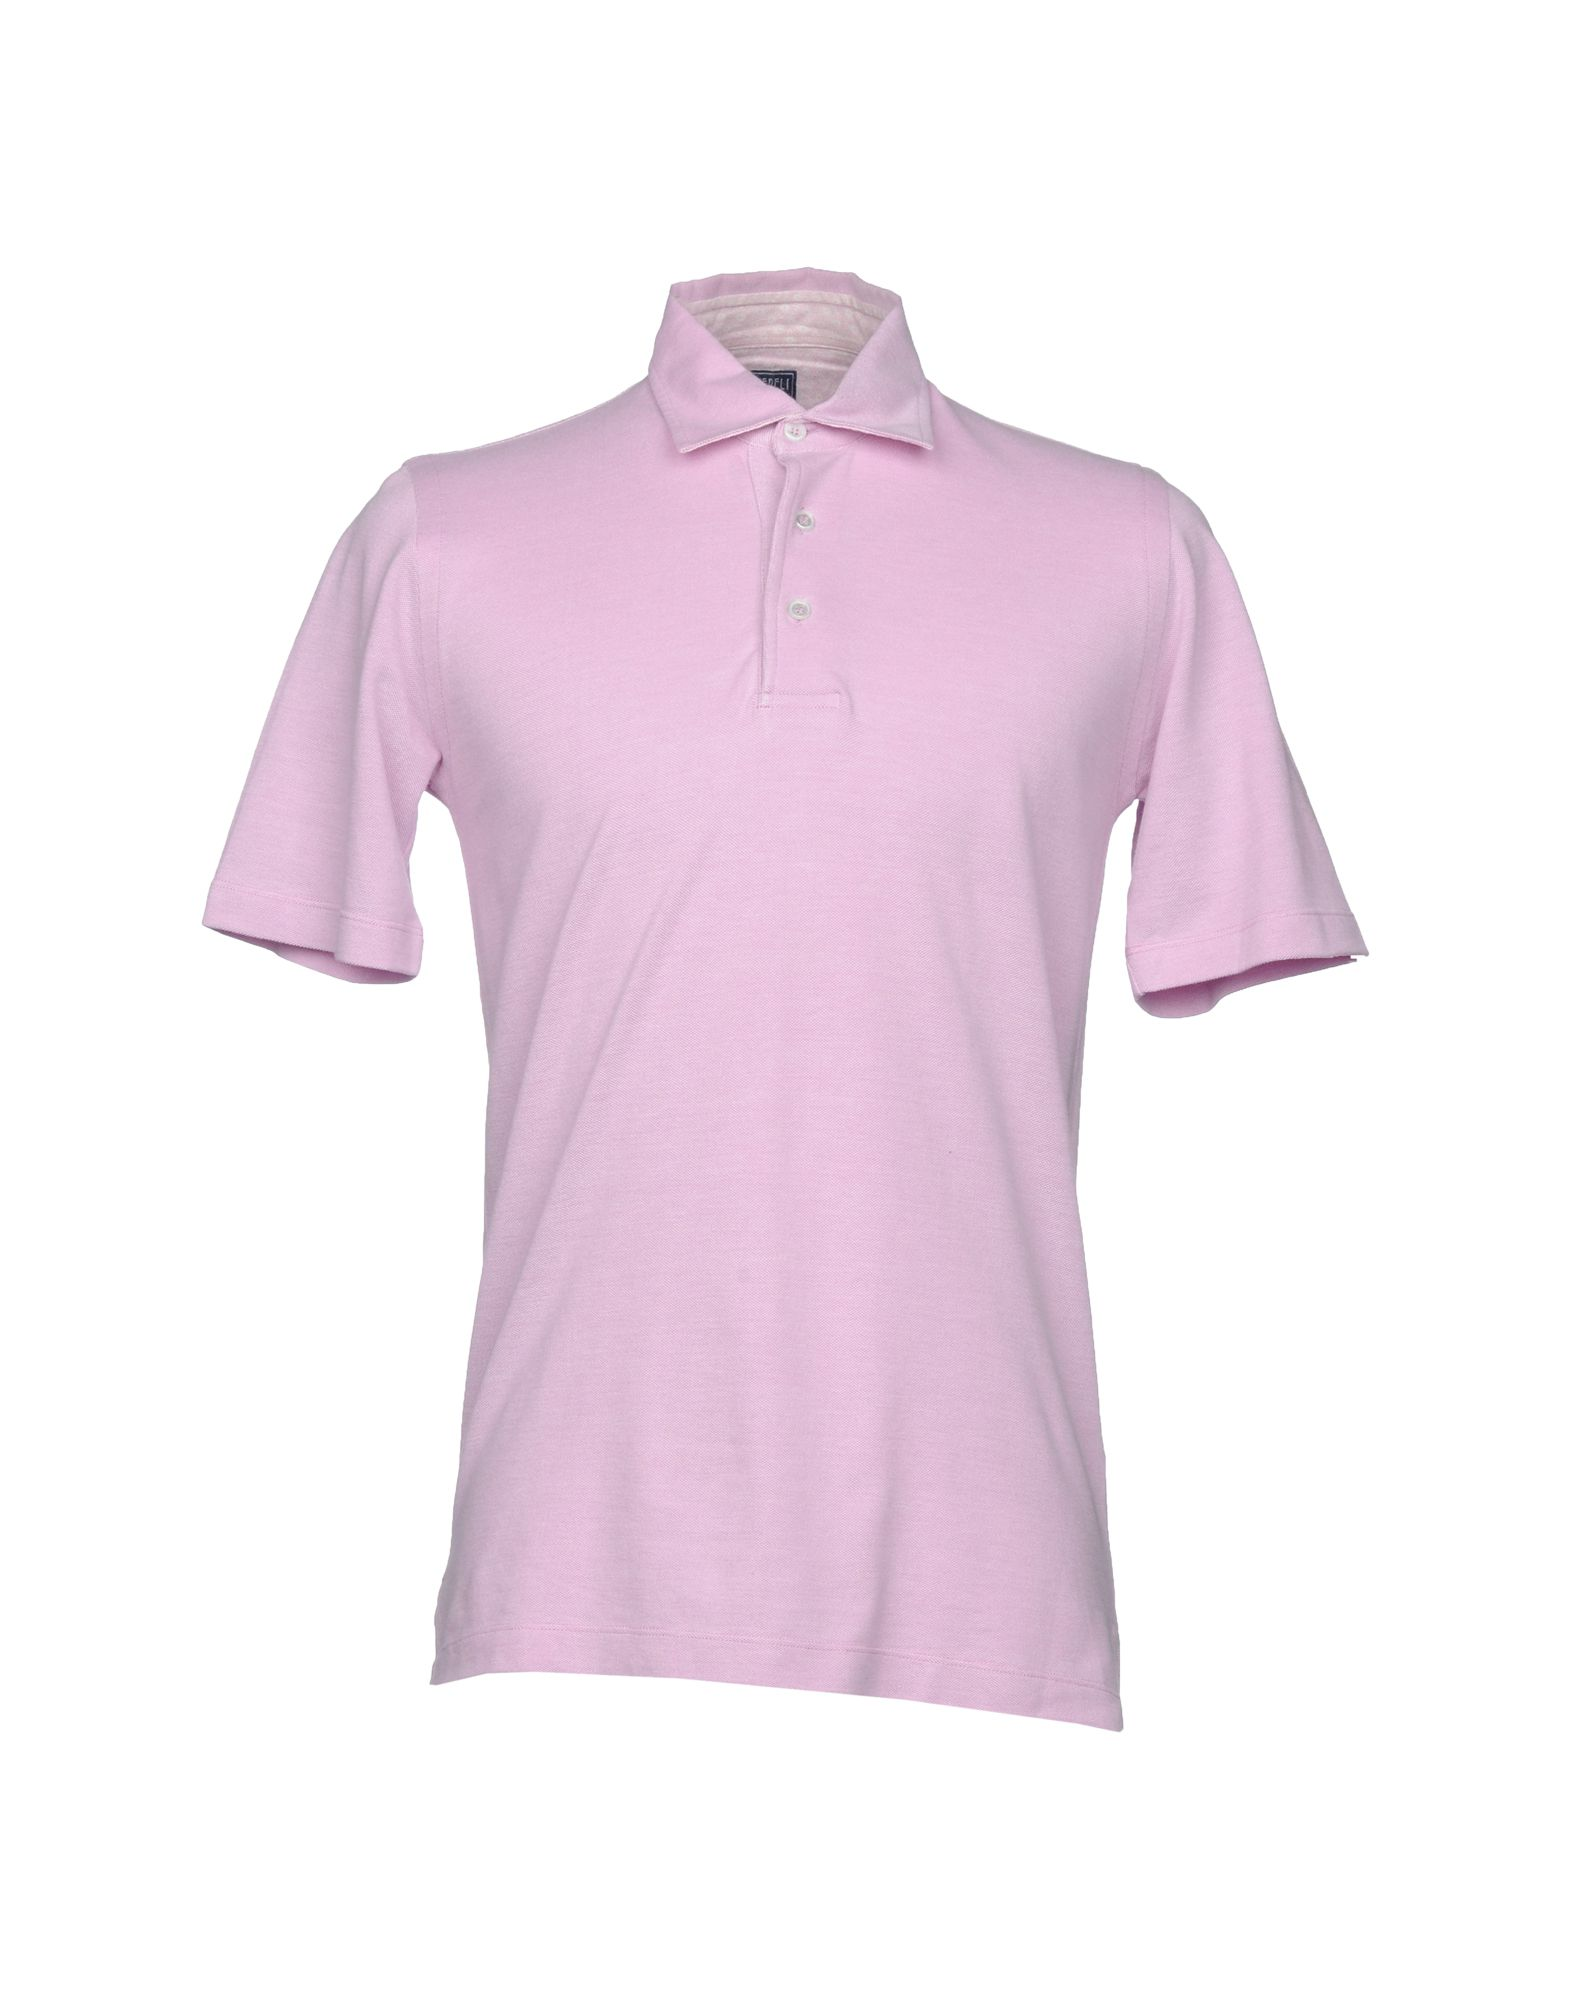 FEDELI メンズ ポロシャツ ピンク 50 コットン 100%